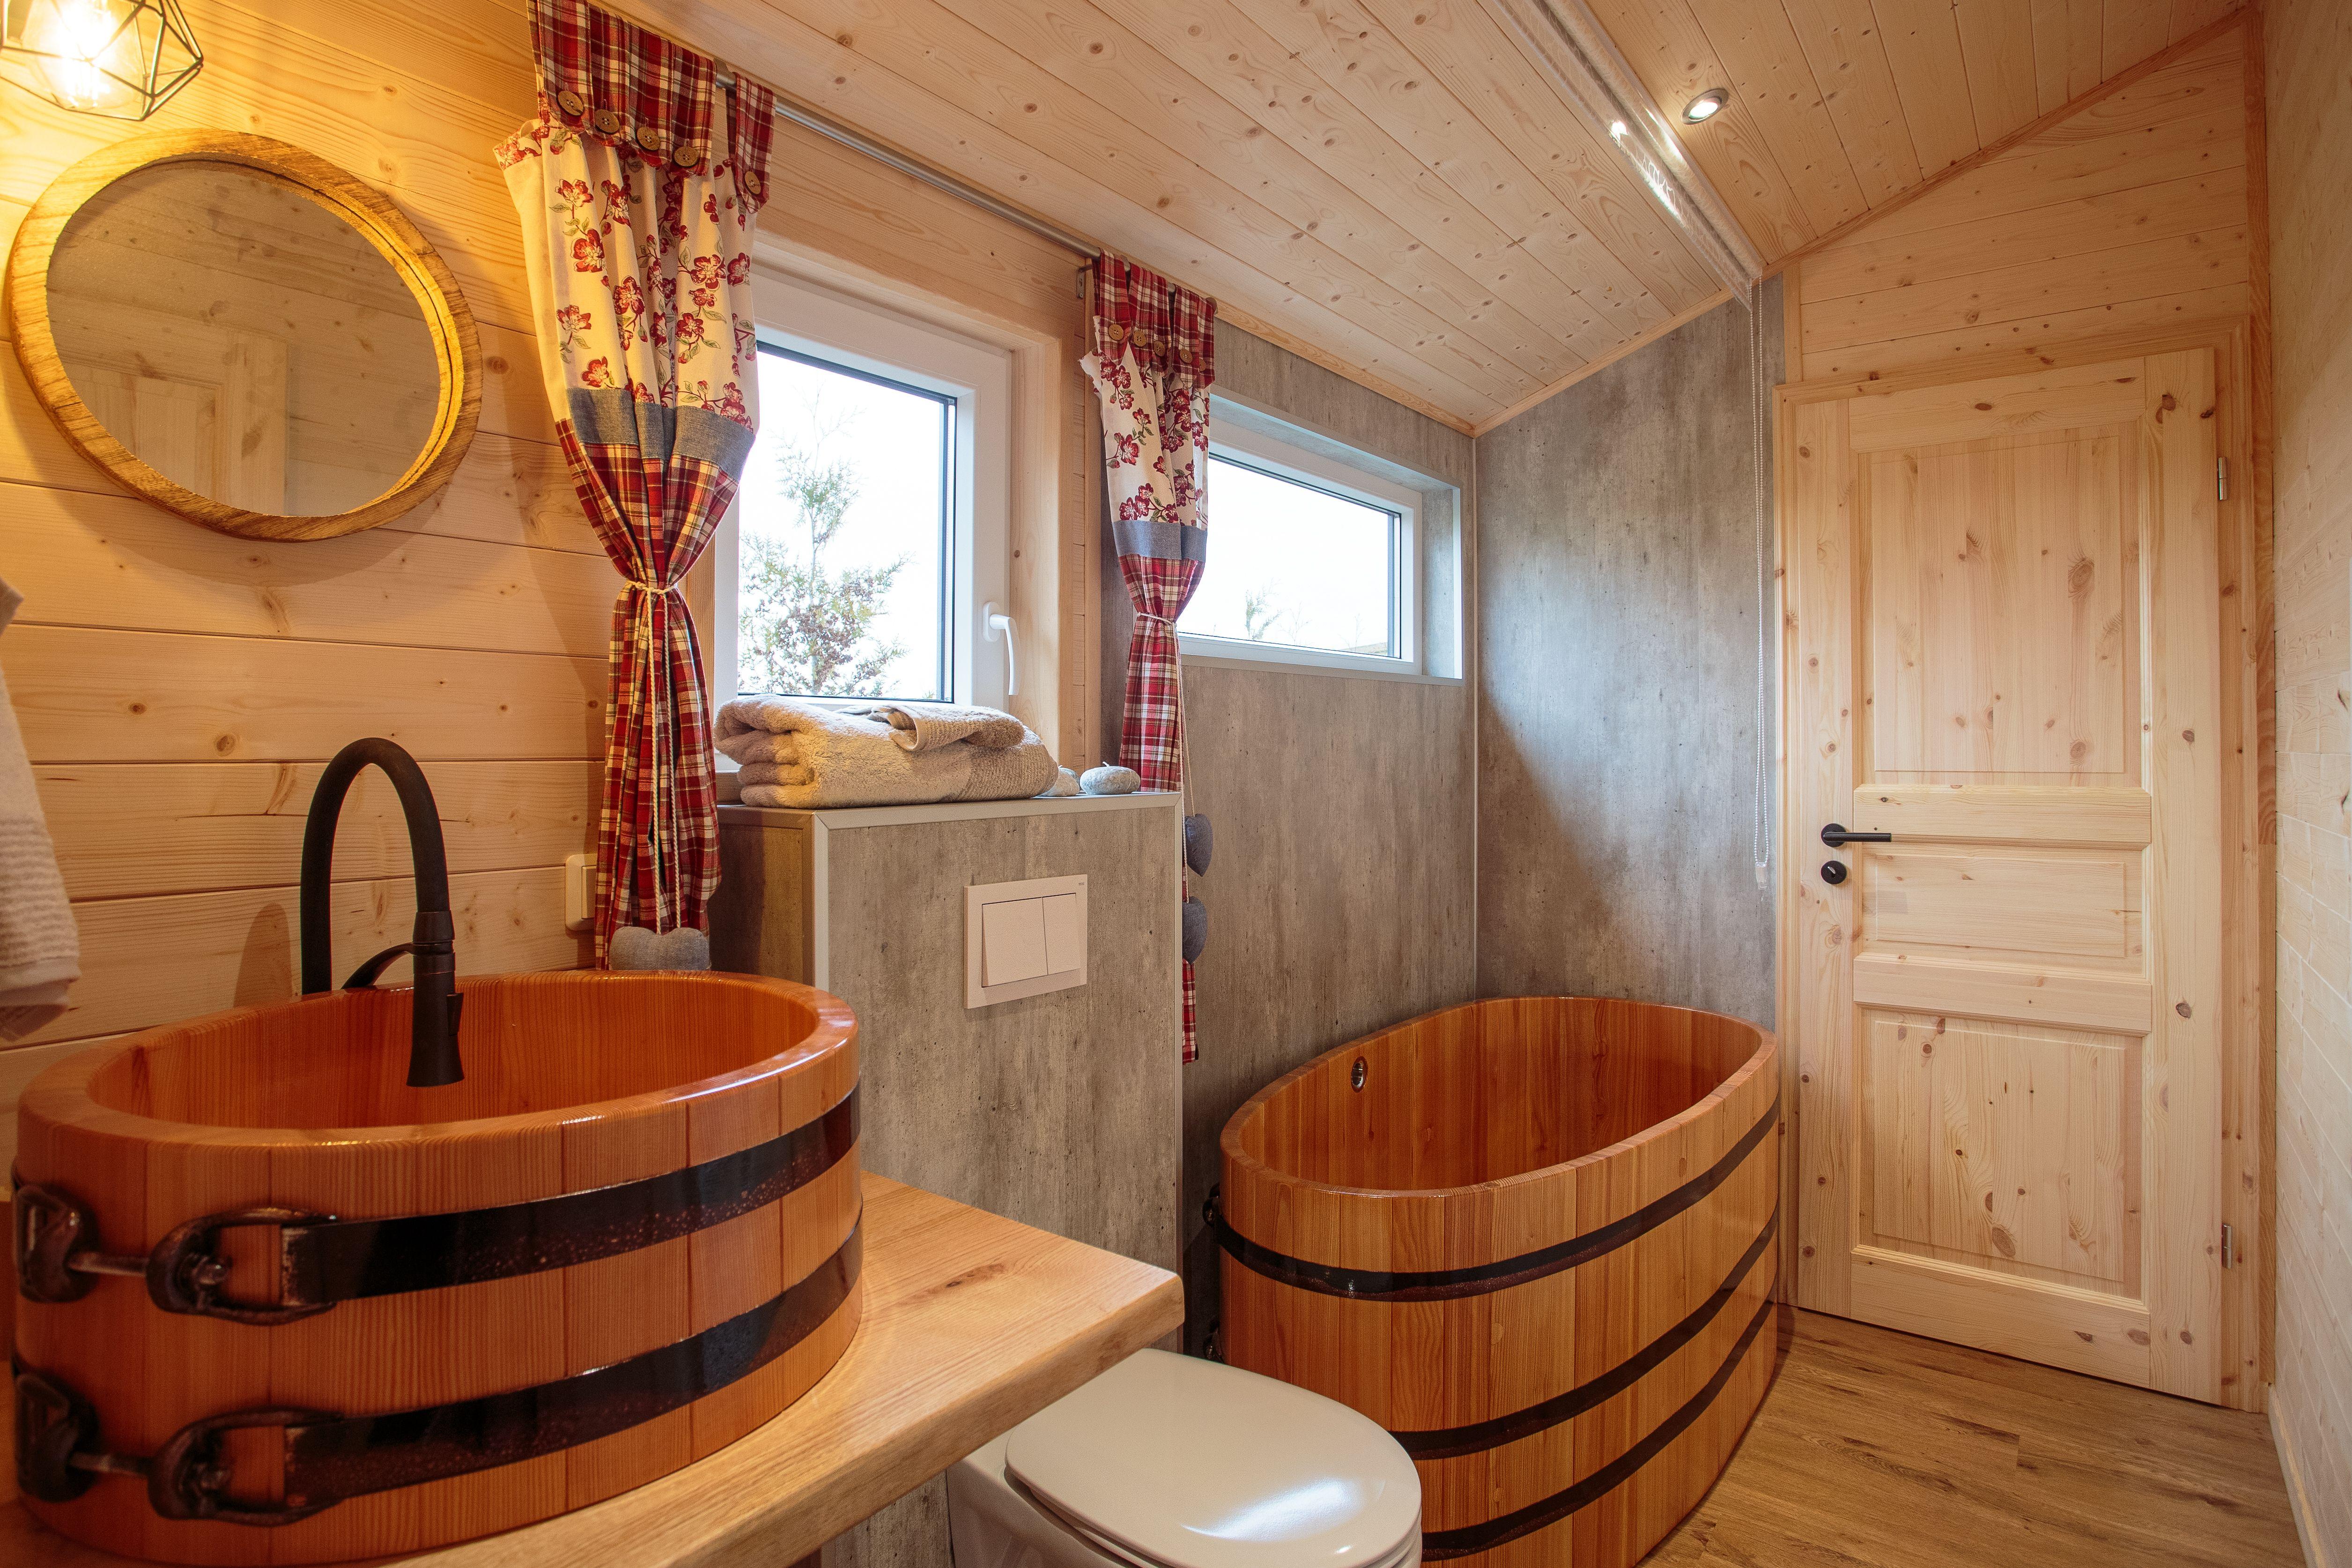 Luxus Badezimmer in 10  Badezimmer holz, Luxus badezimmer